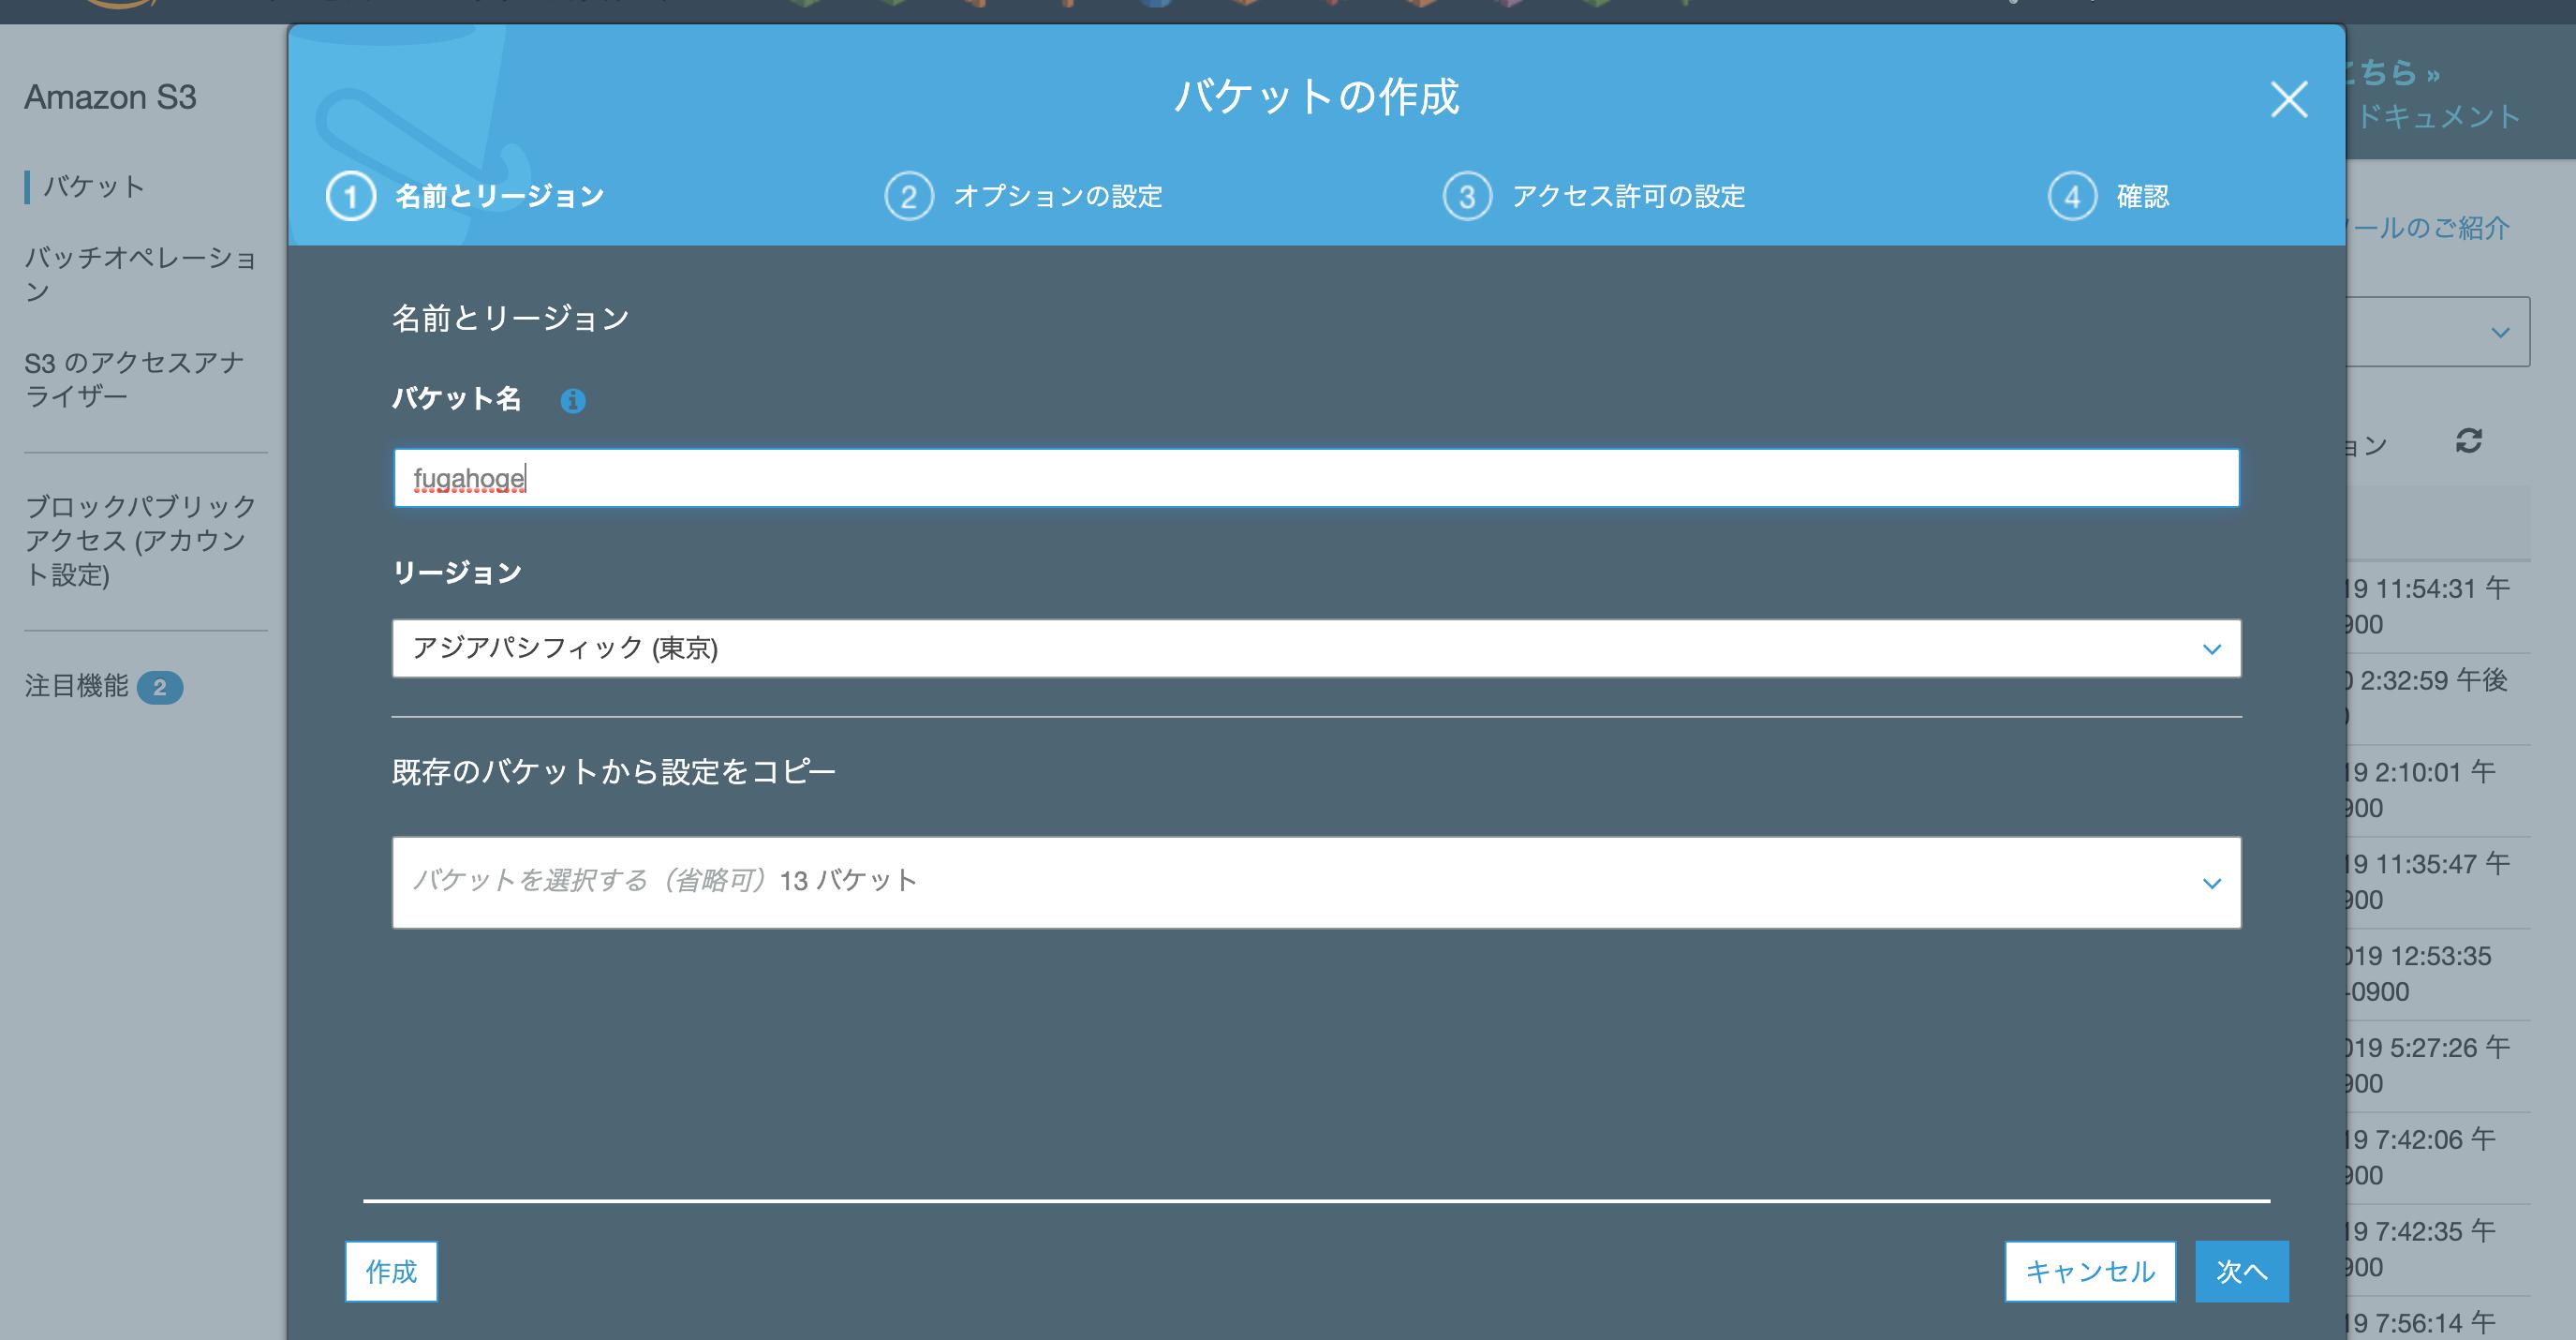 スクリーンショット 2020-01-14 12.22.59.png